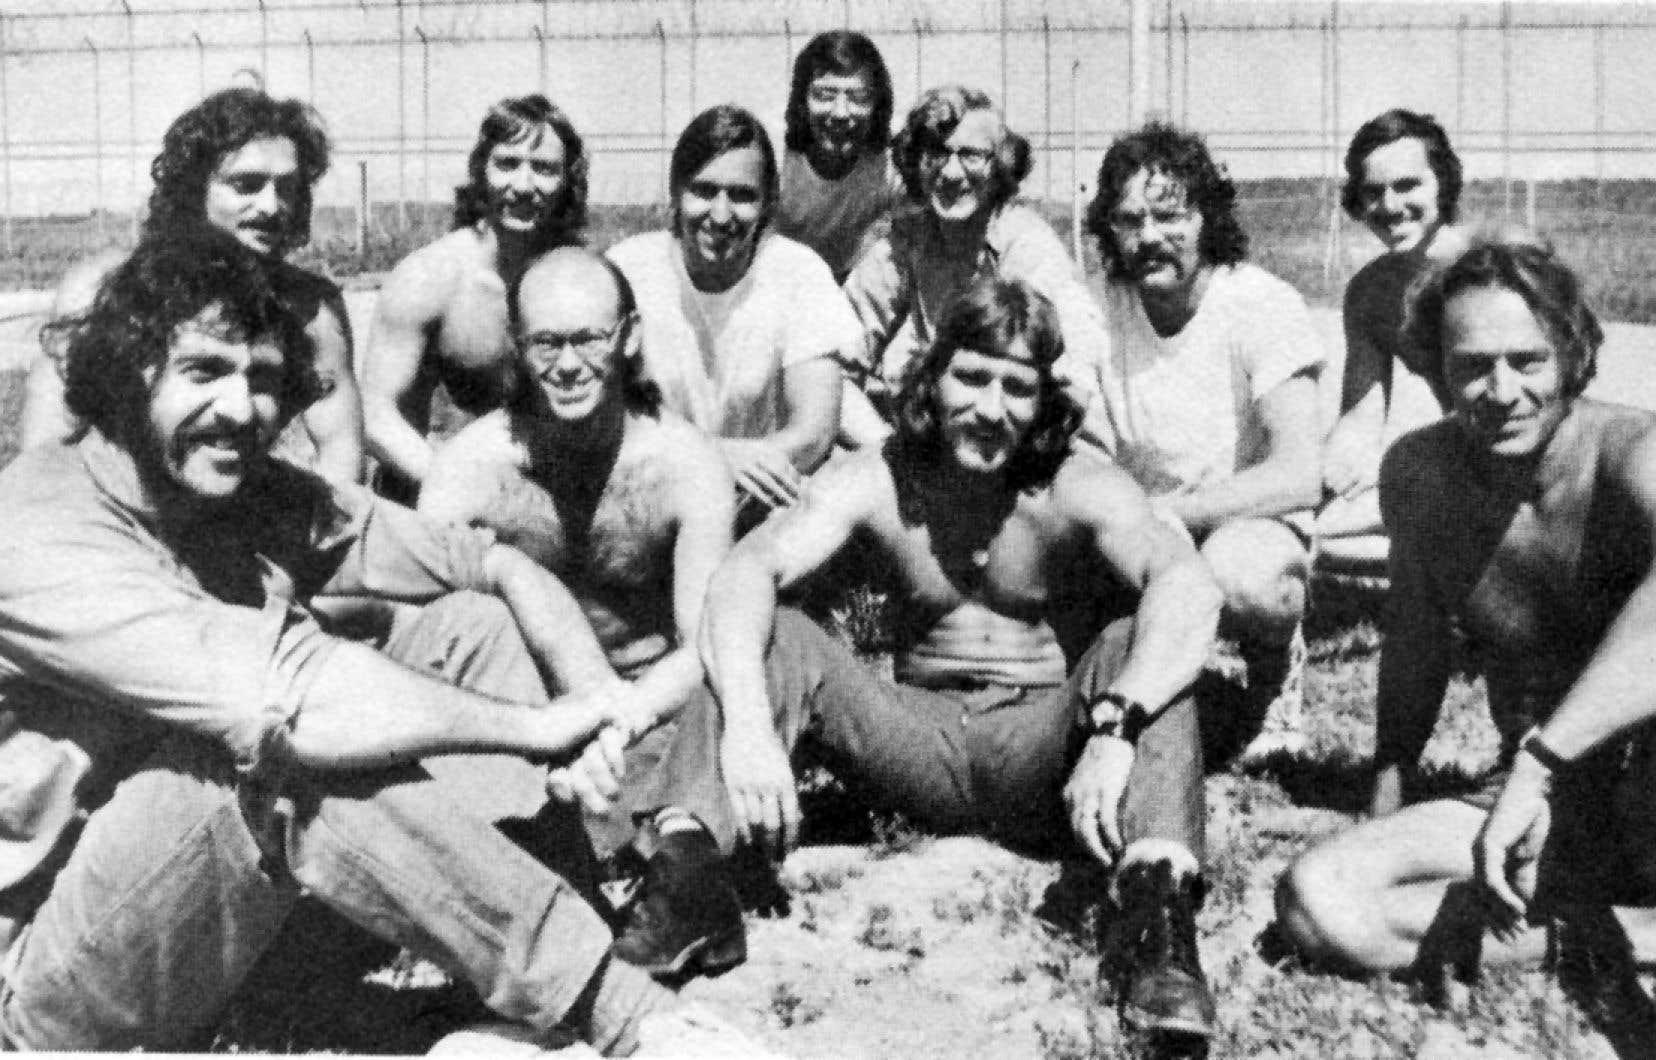 Des membres du FLQ au pénitencier de Sainte-Anne-des-Plaines en 1975. François Schrim est à l'extrême droite.